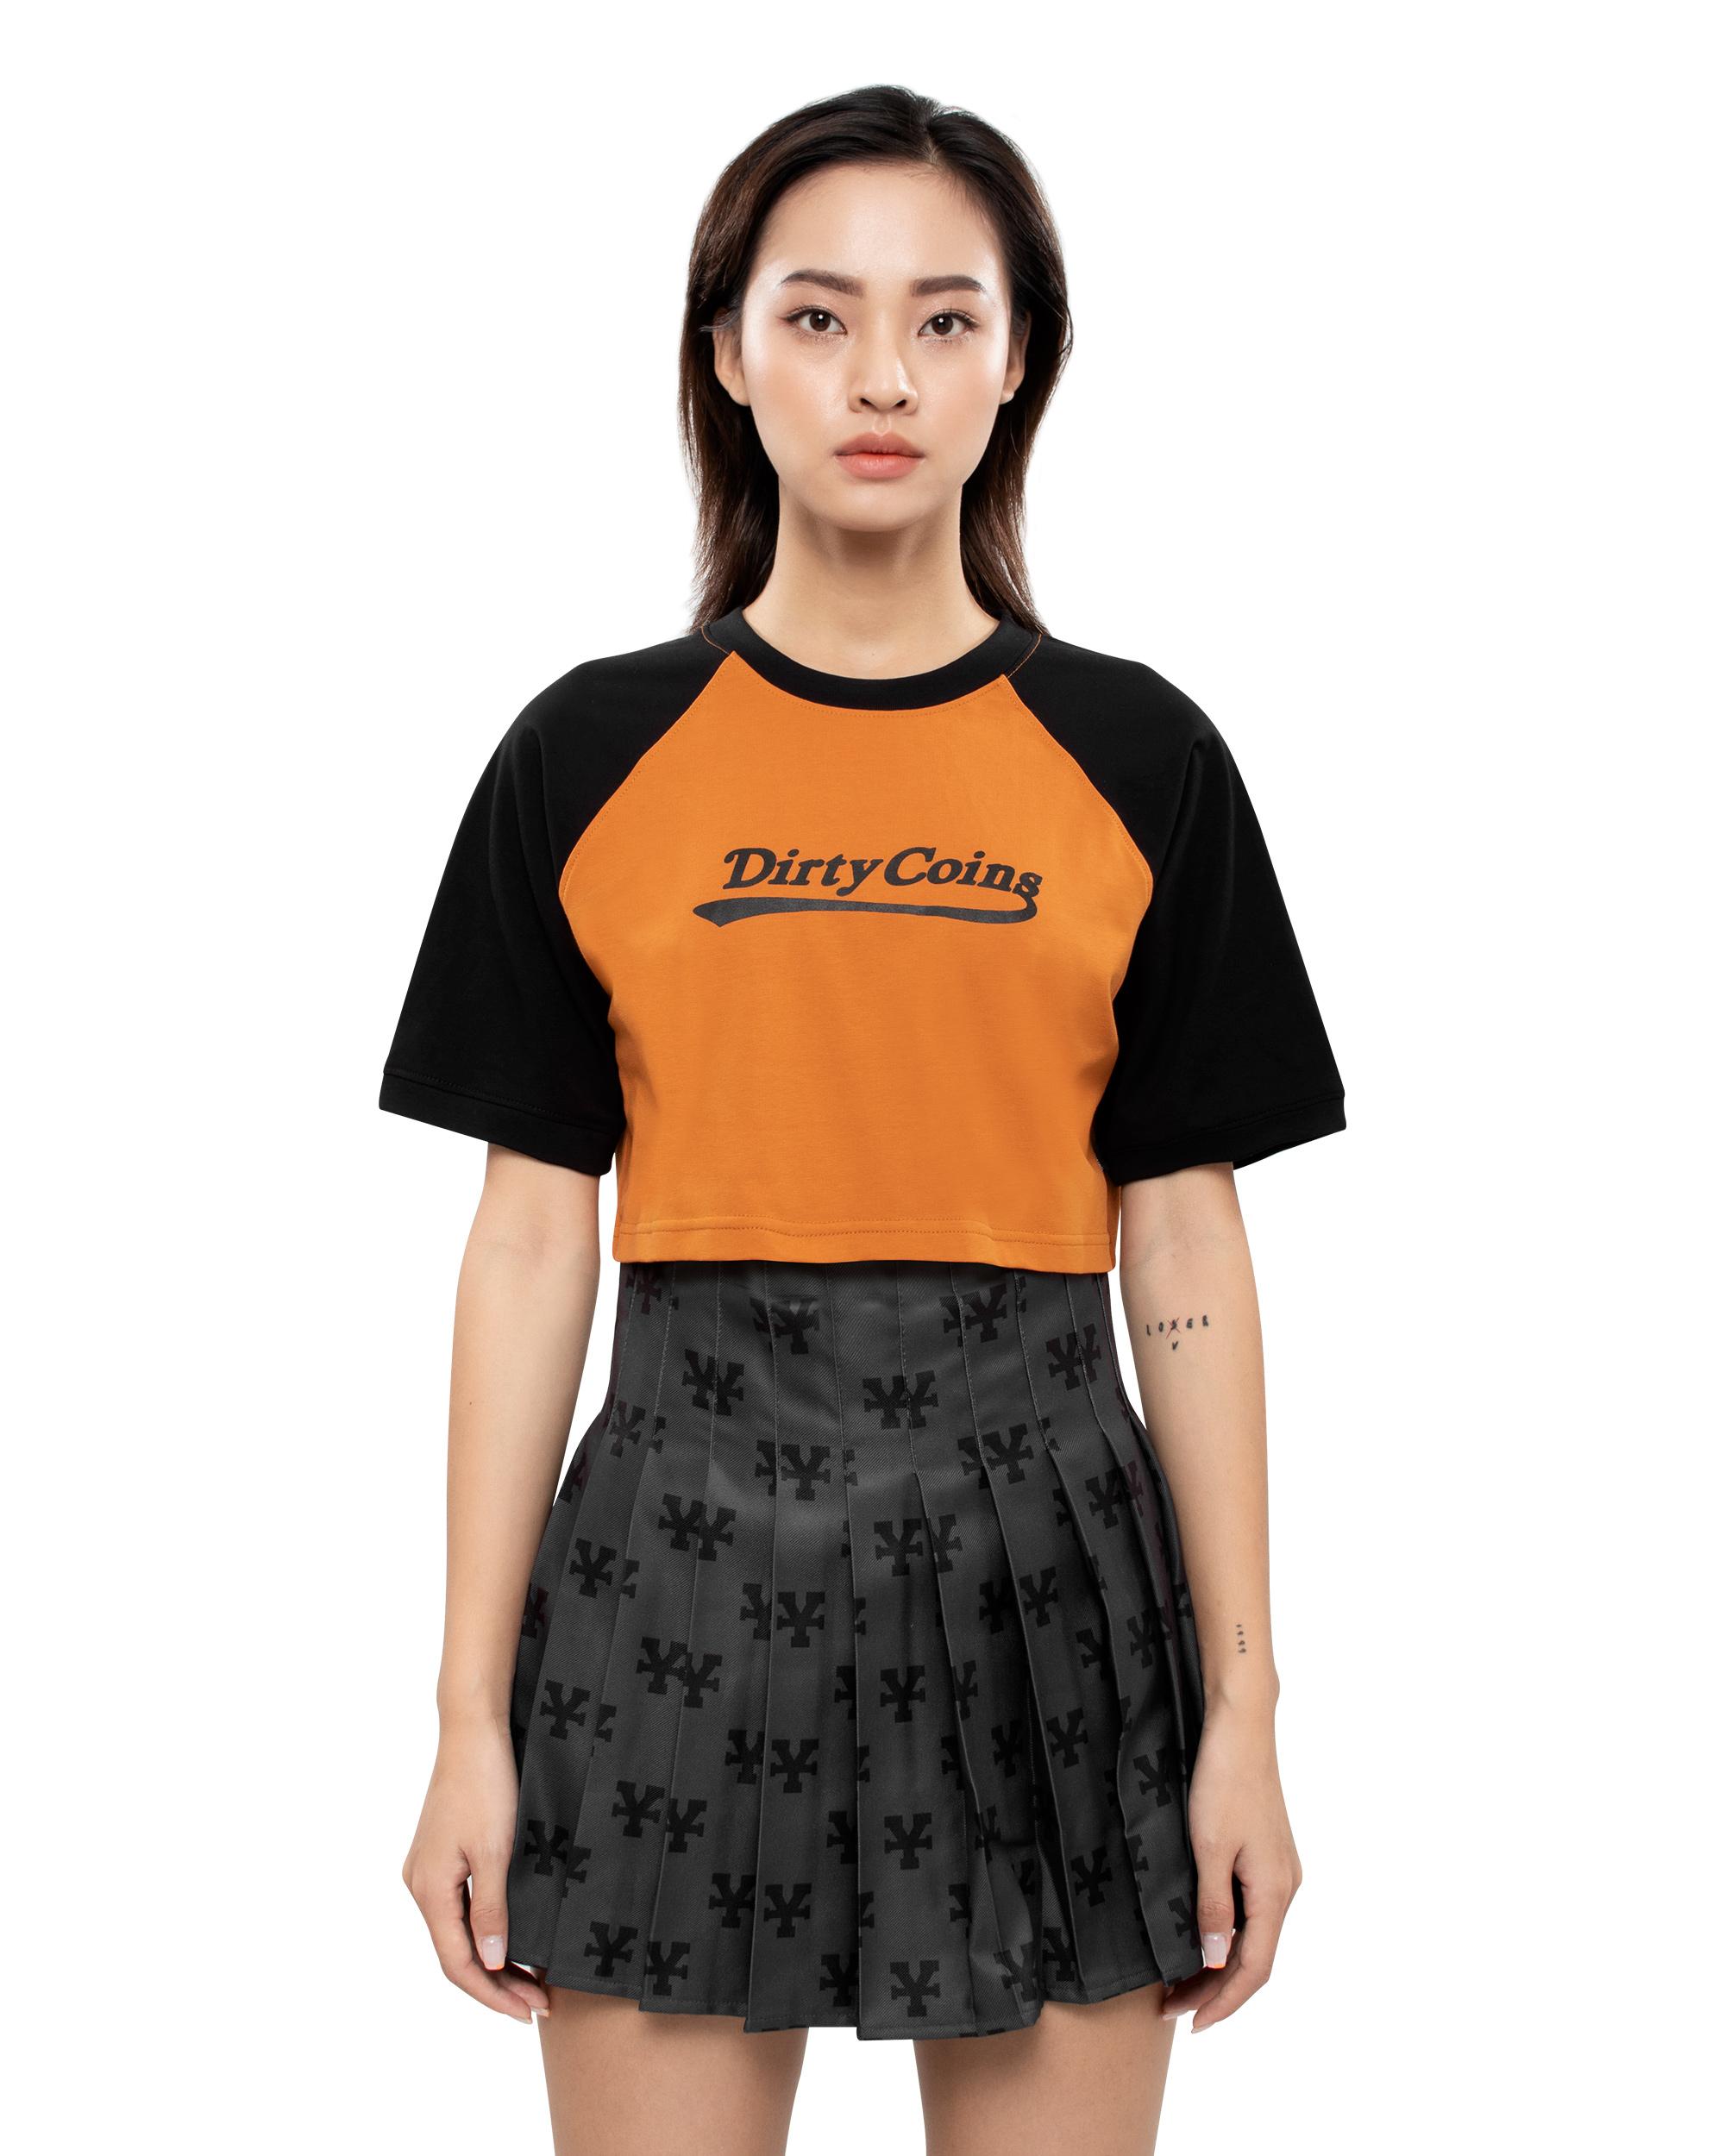 DirtyCoins Basic Croptop Raglan - Yellow /Black